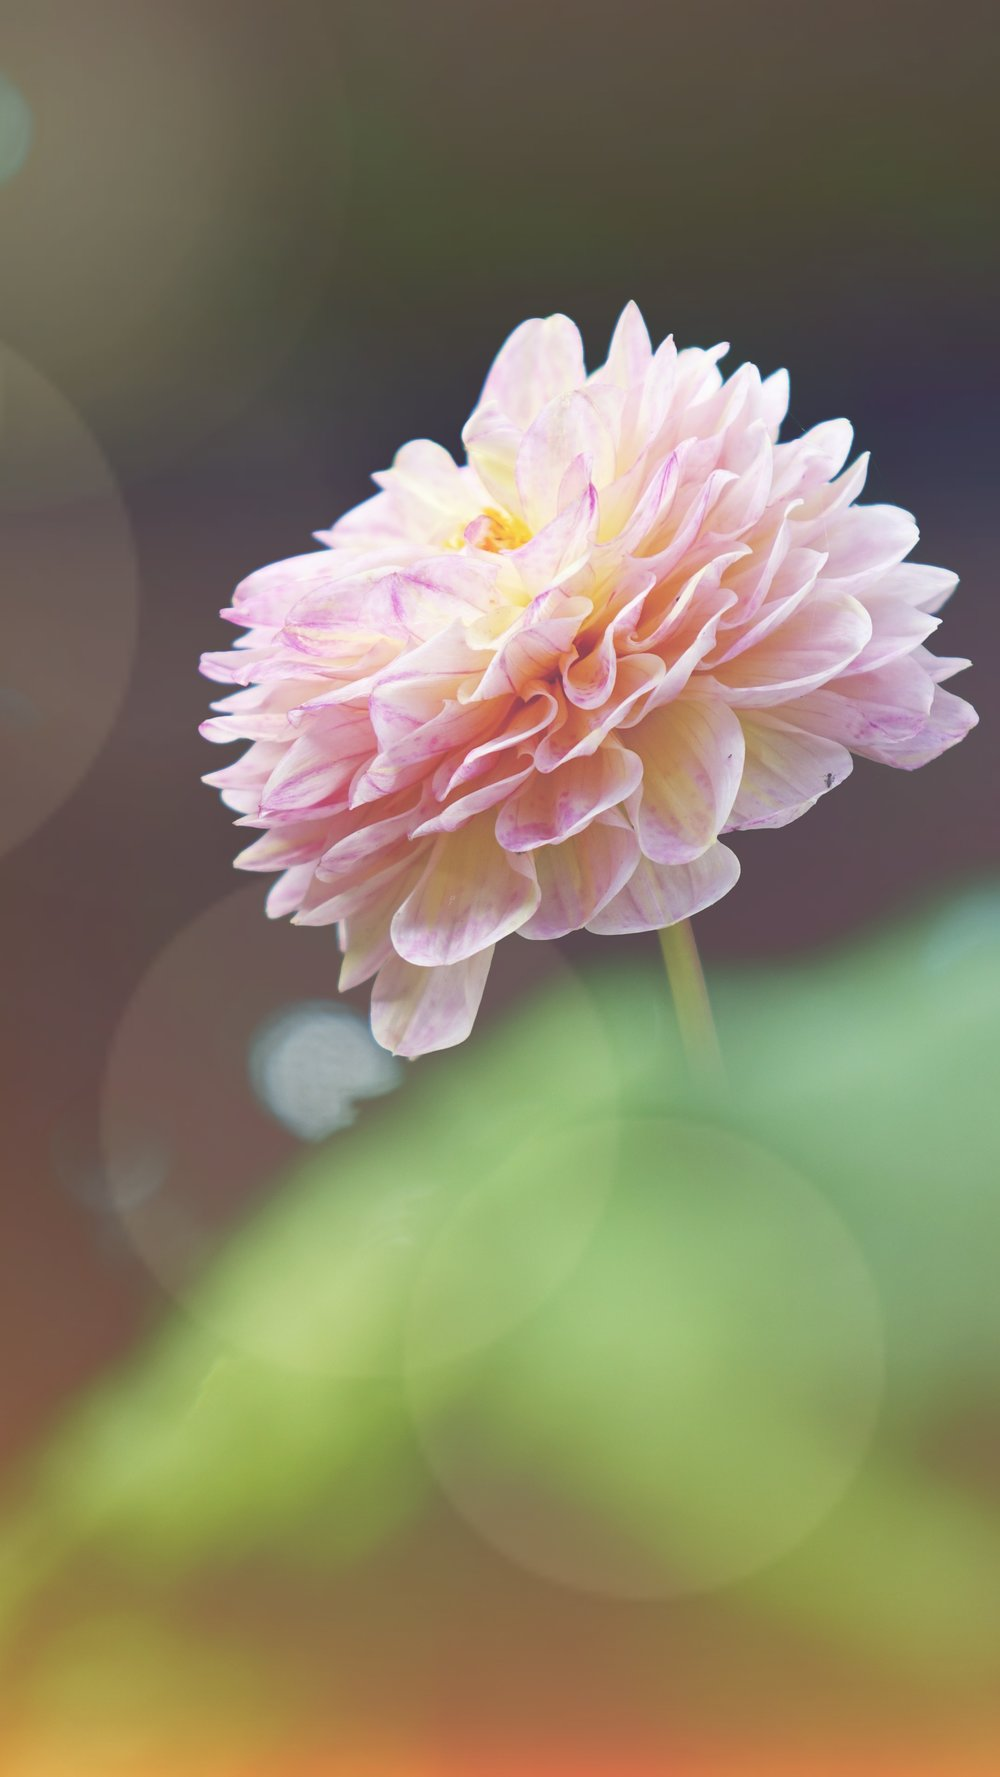 Oh pretty flower....